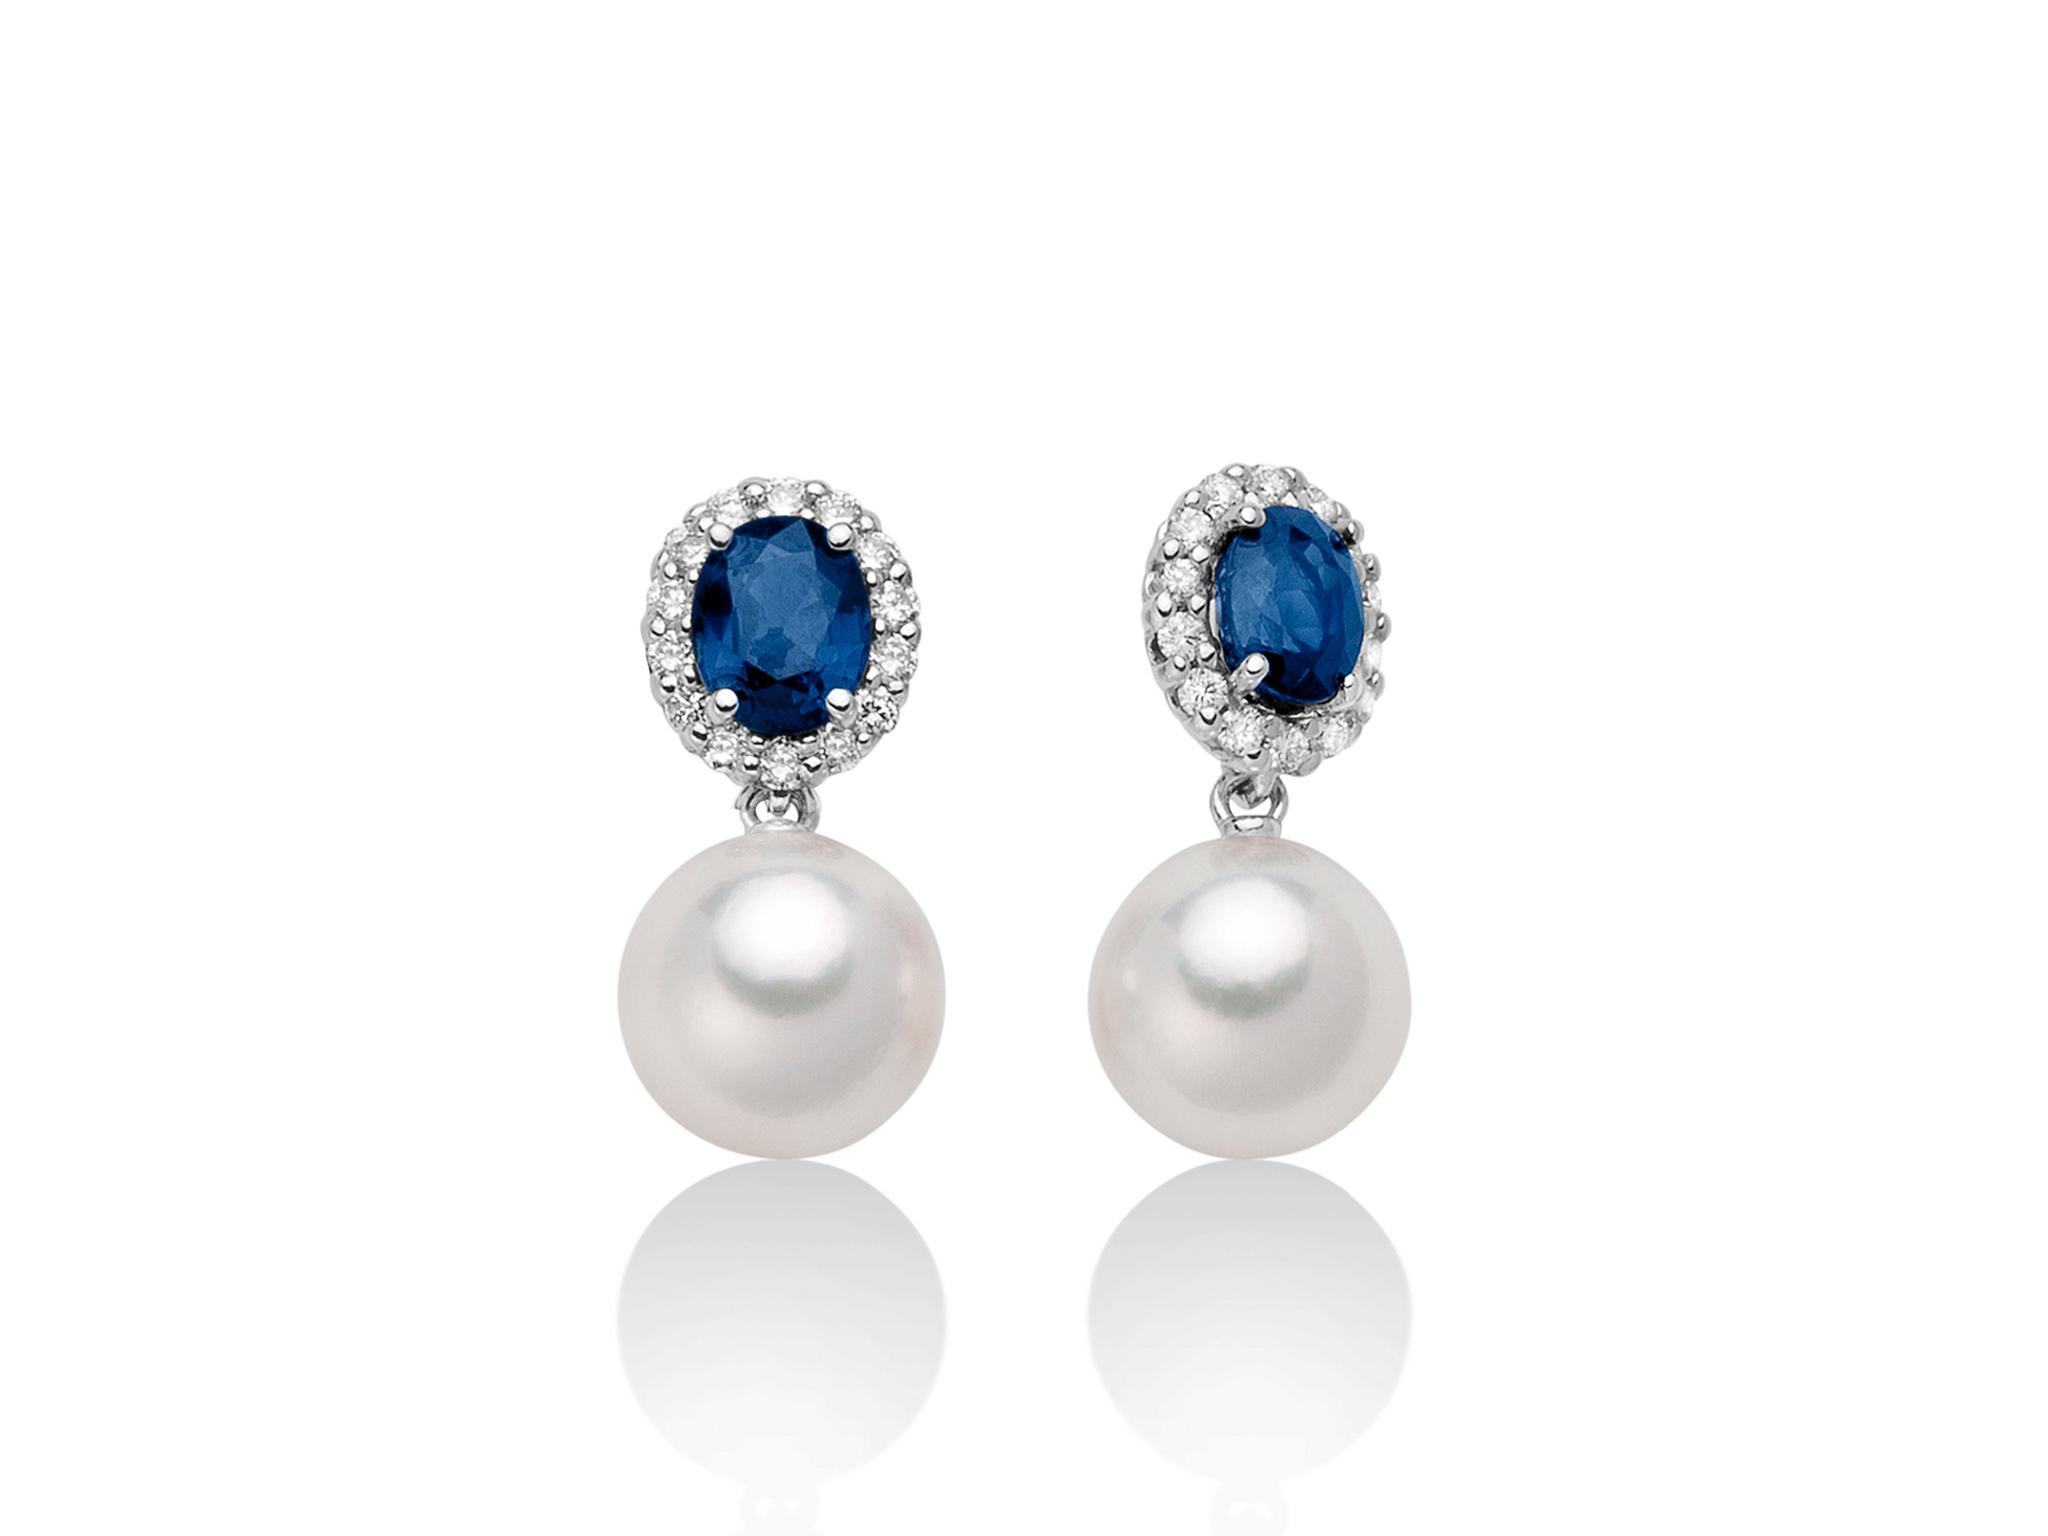 Orecchini con Zaffiri e perle Akoya - PER2514